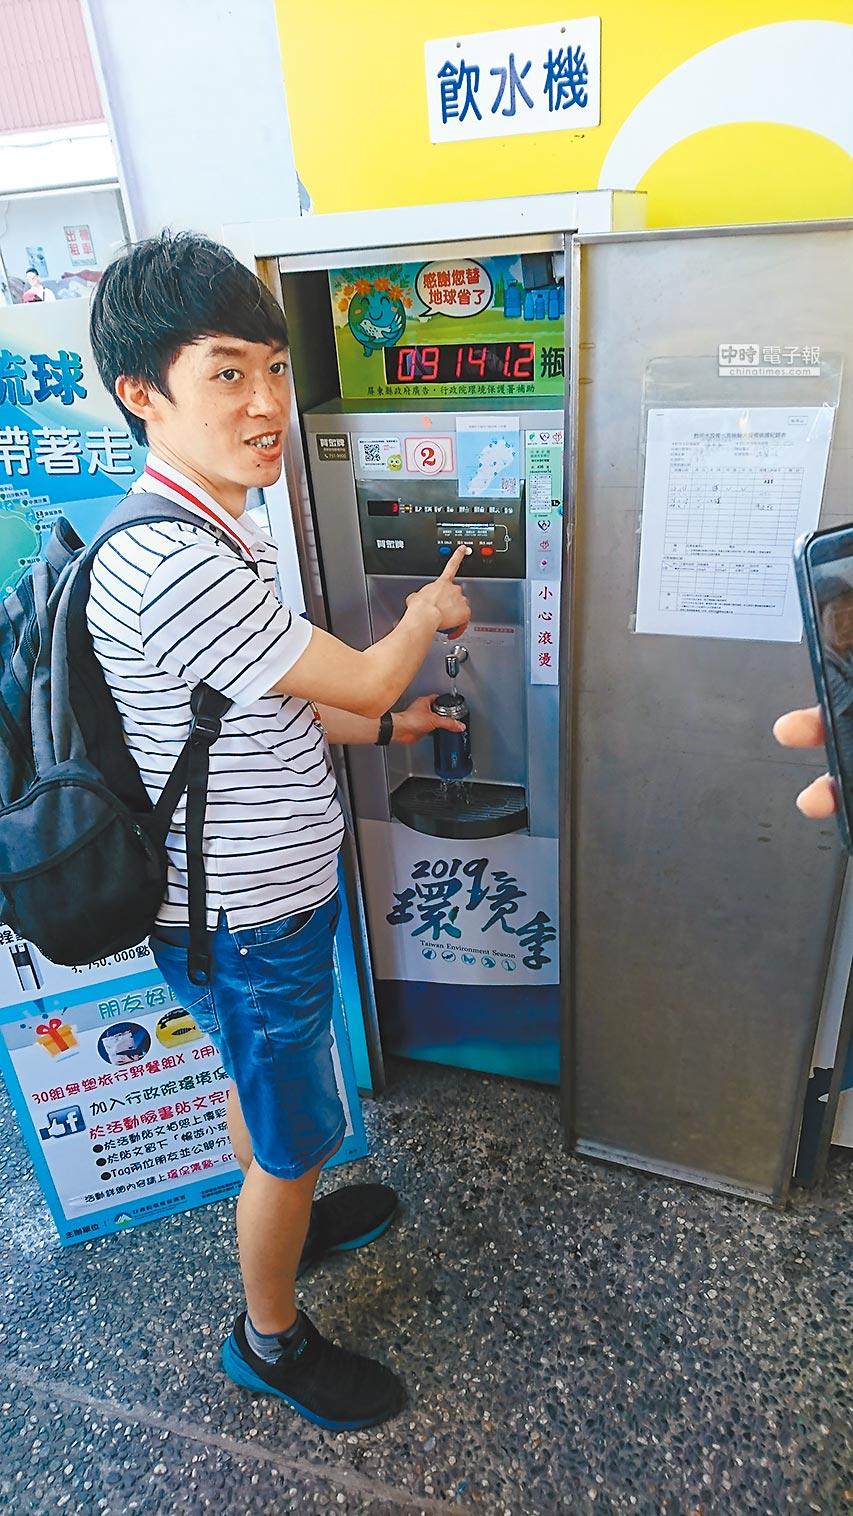 遊客使用環保杯到飲水機裝水,減少塑膠垃圾。(廖德修攝)